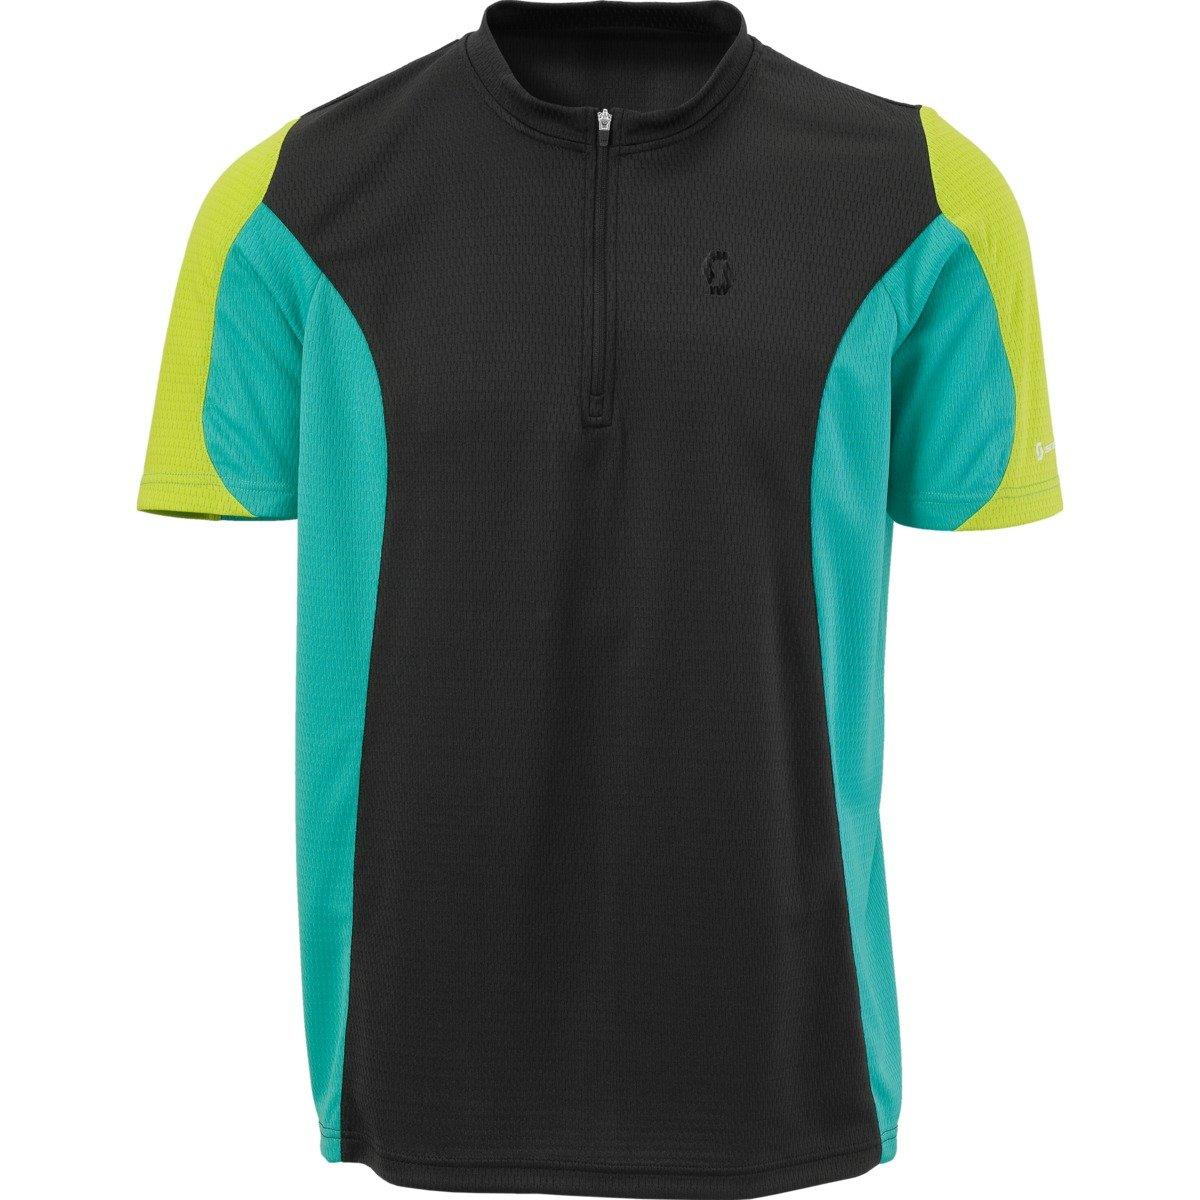 Scott Path 40ciclismo maniche corte, con collo maglietta 221581157200, blk/turquois, XL